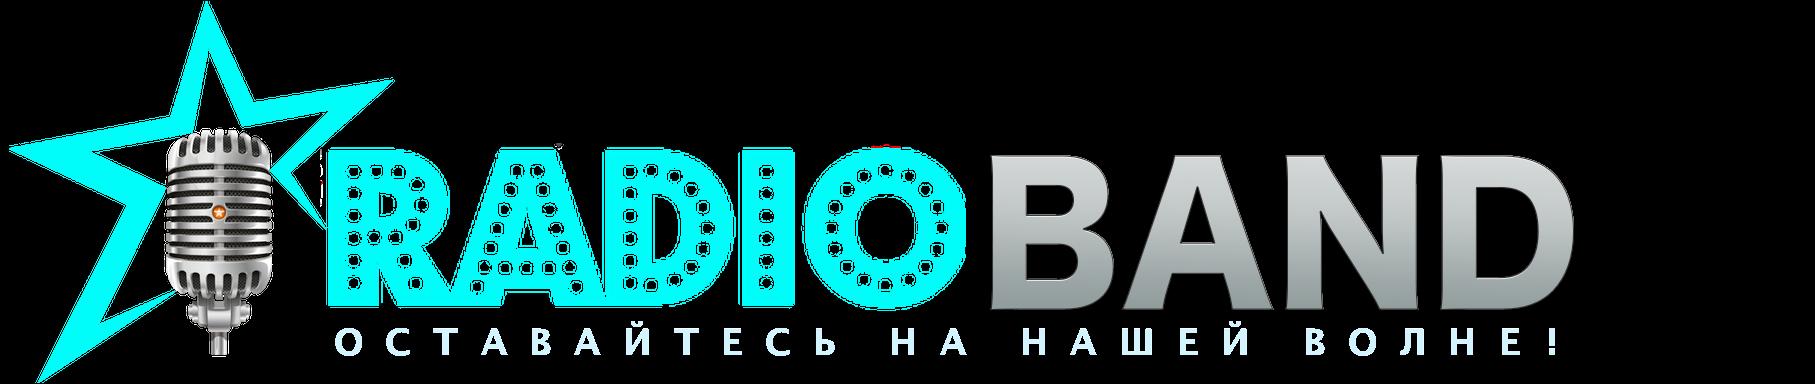 кавер-группа Radio-Band (г. Владивосток)